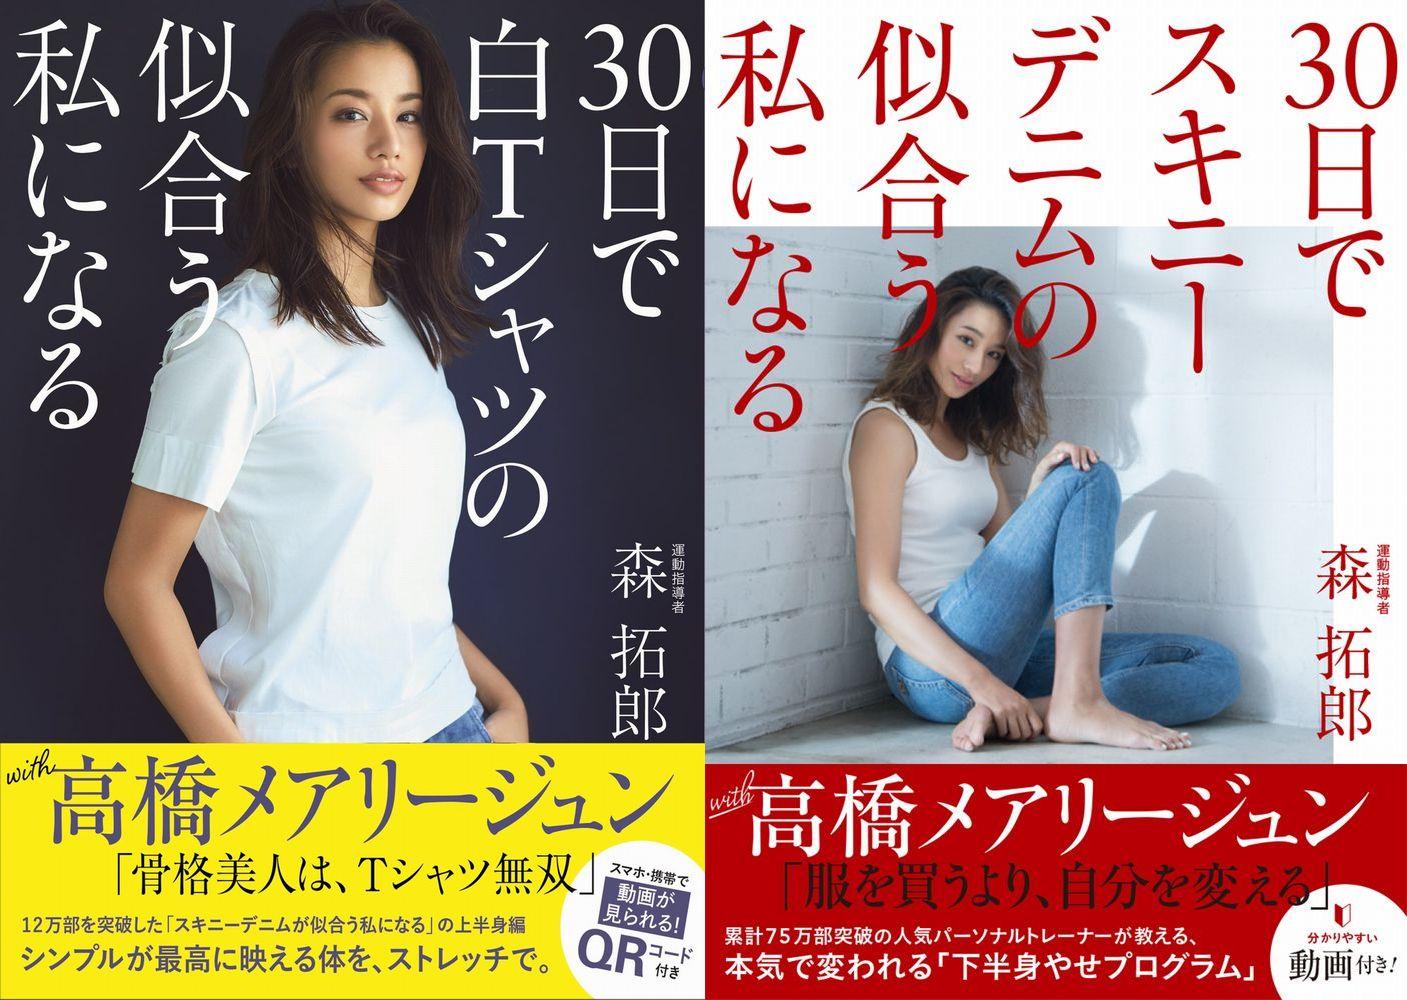 【2冊セット】30日で白Tシャツの似合う私になる・30日でスキニーデニムの似合う私になる [ 森拓郎 ]